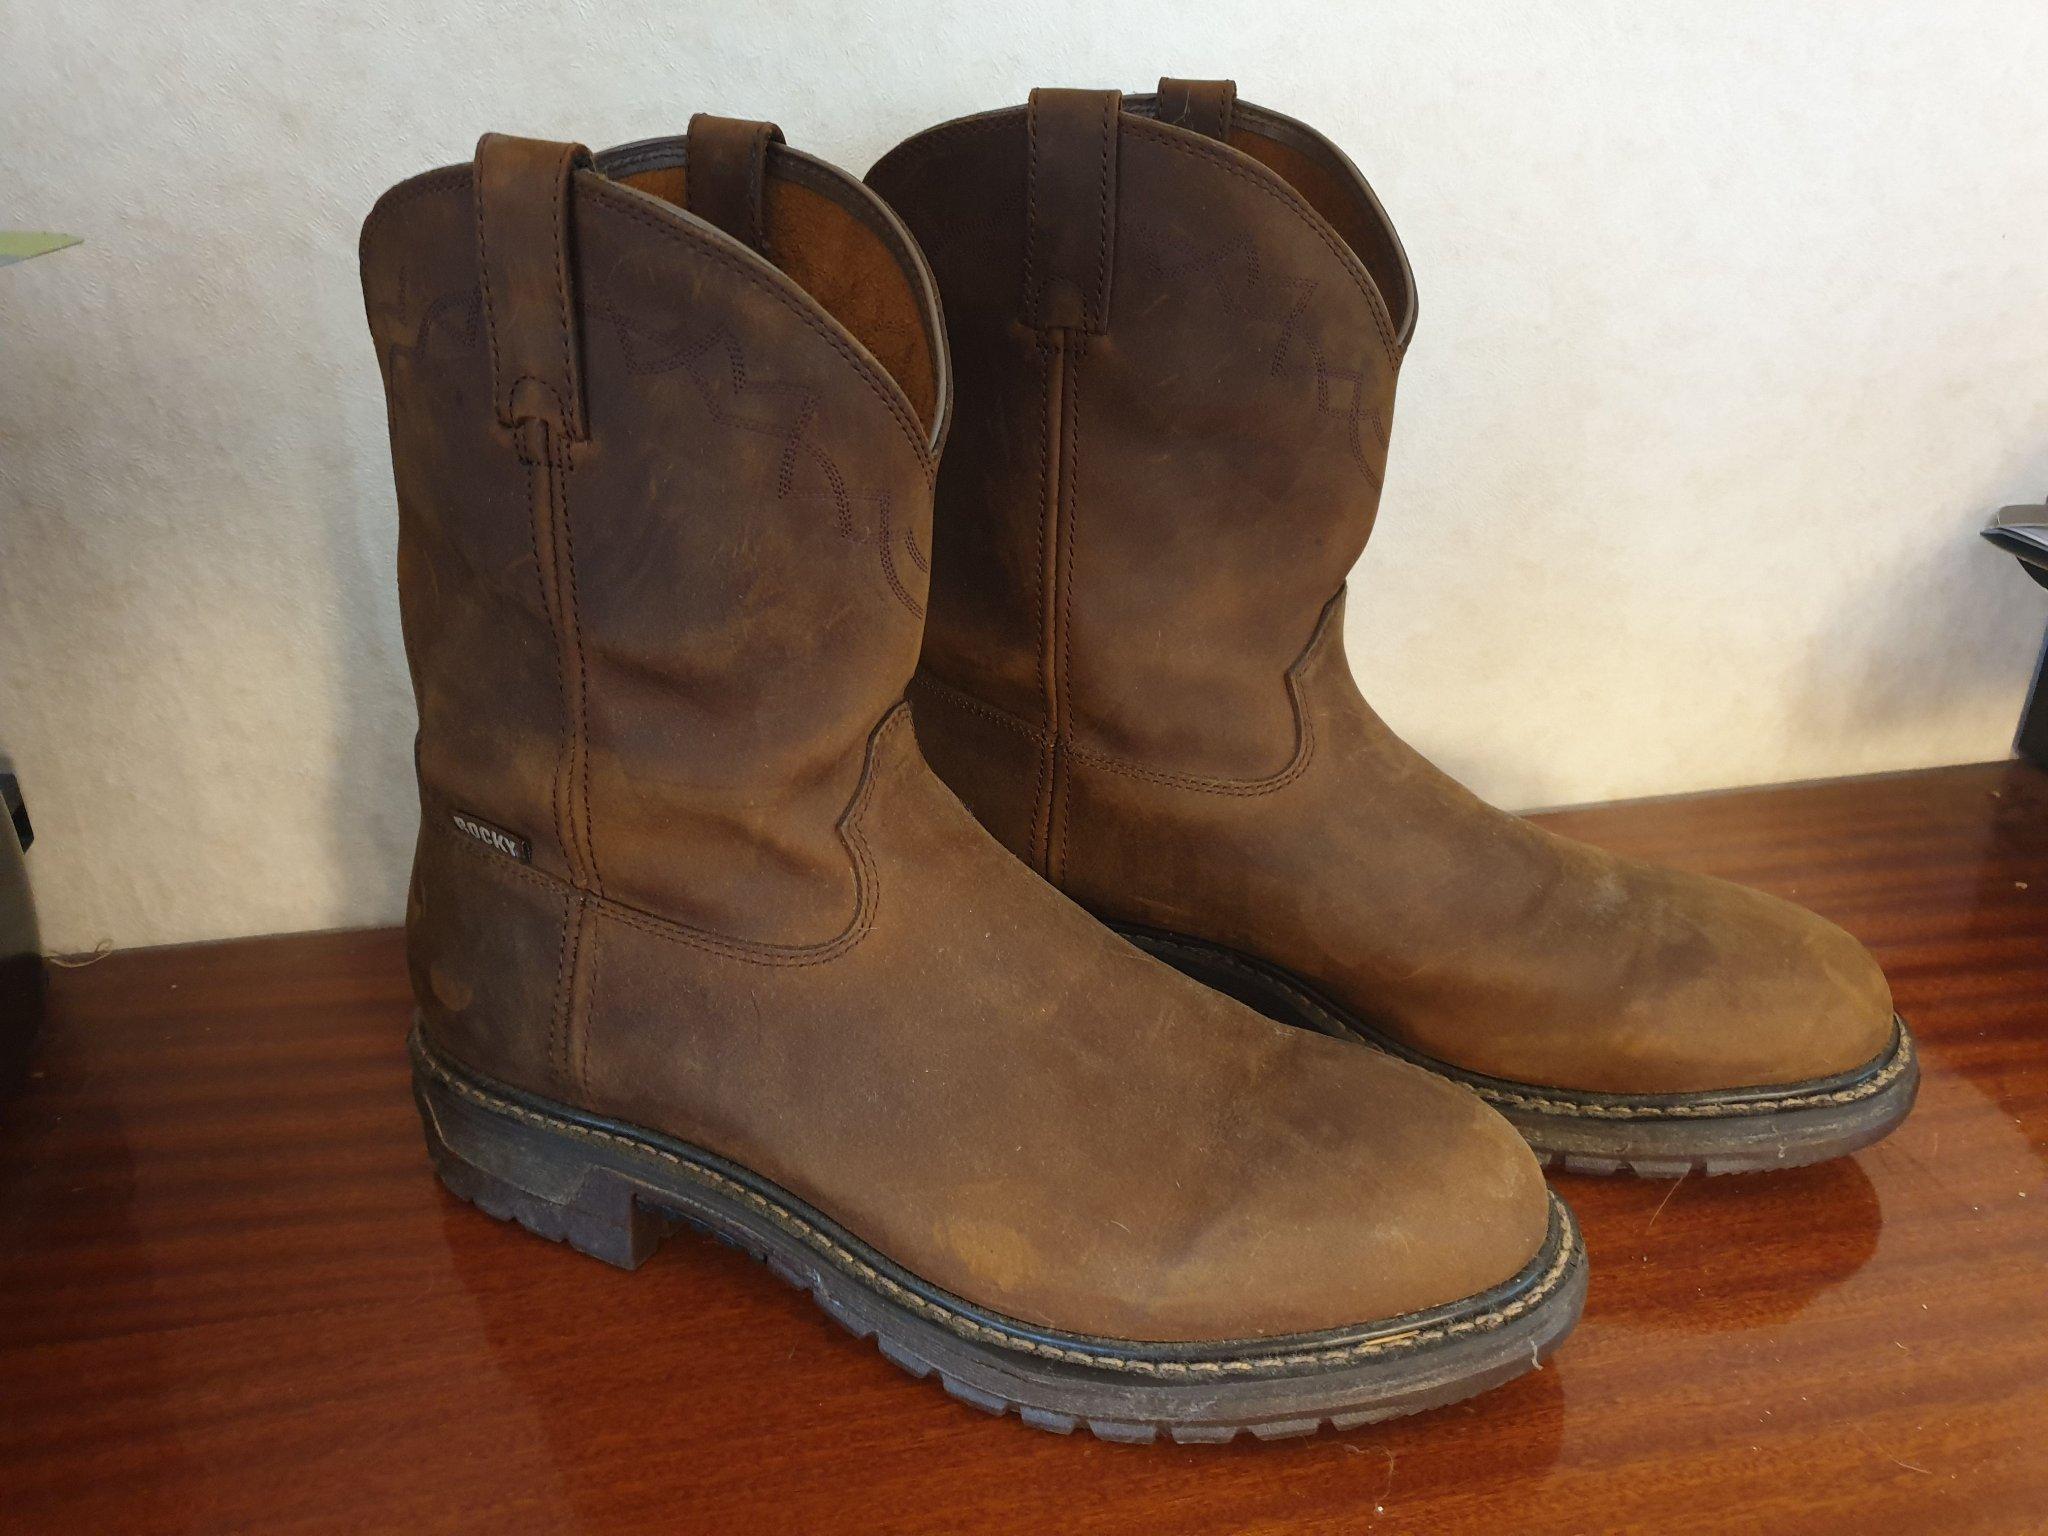 Boots storlek 50, us: 15 (410982907) ᐈ Köp på Tradera